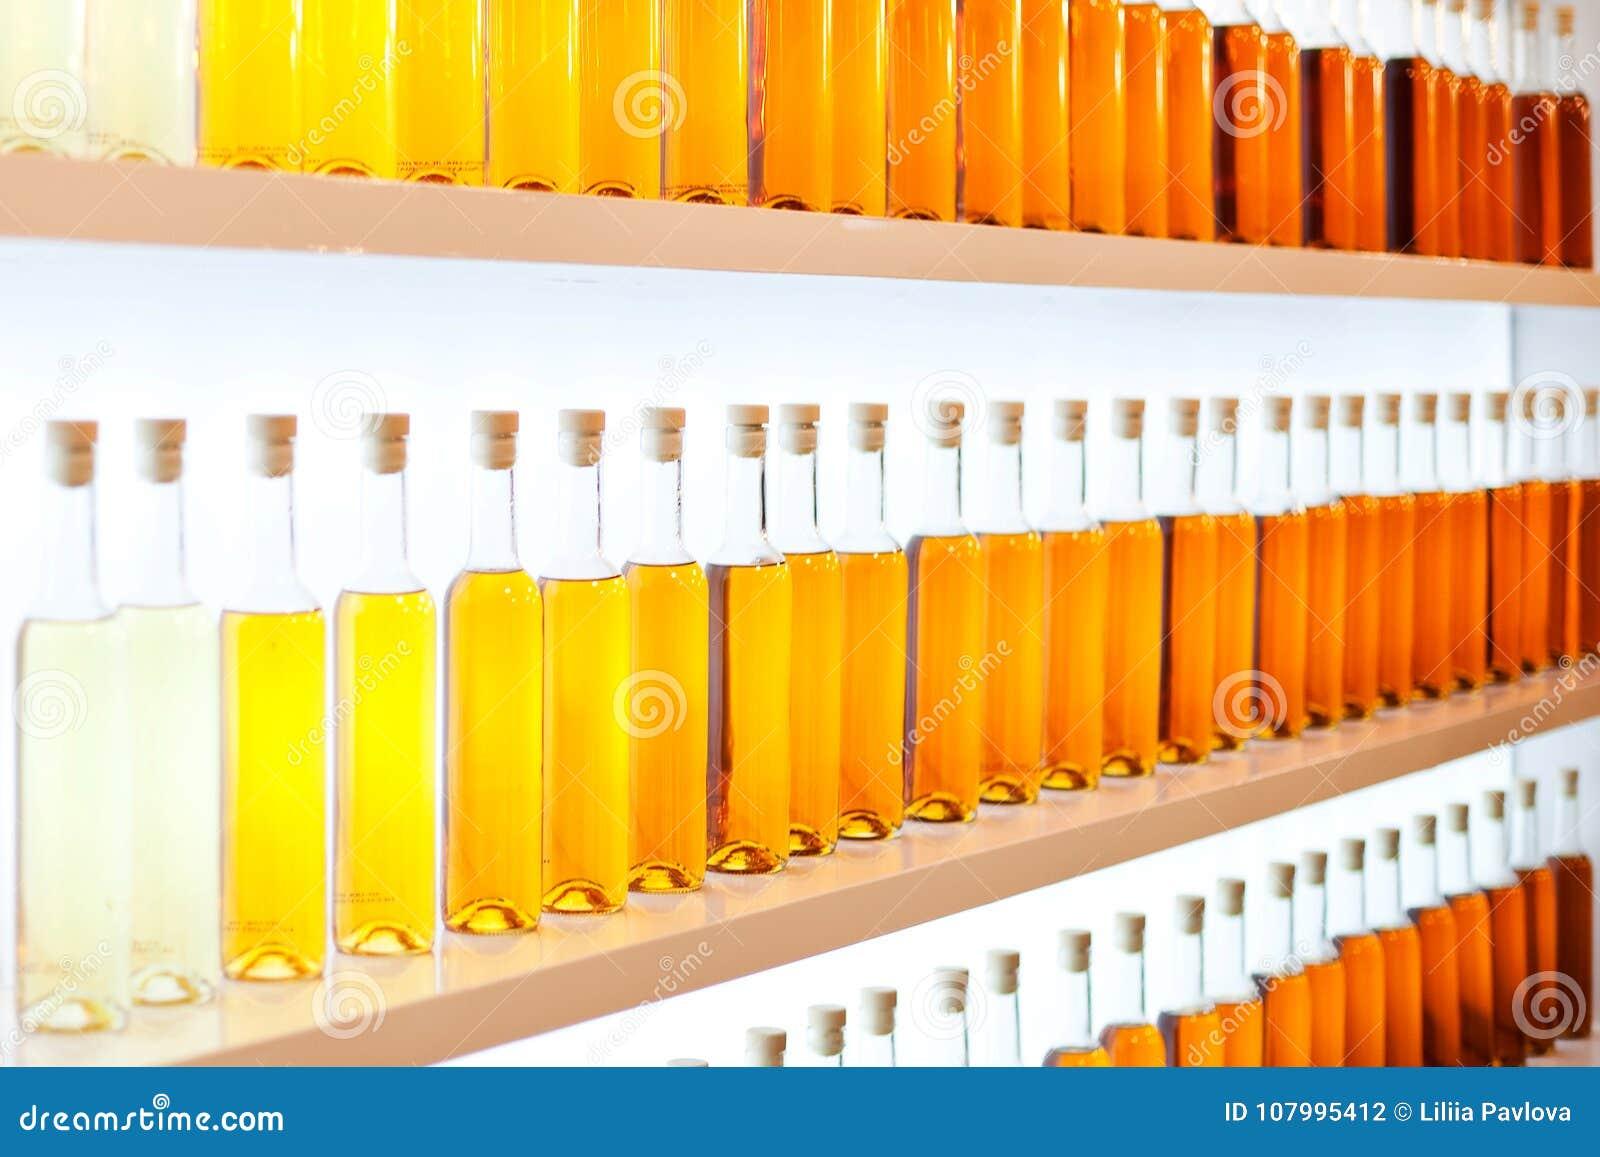 Eine Reihe von farbigen Flaschen mit Kognak